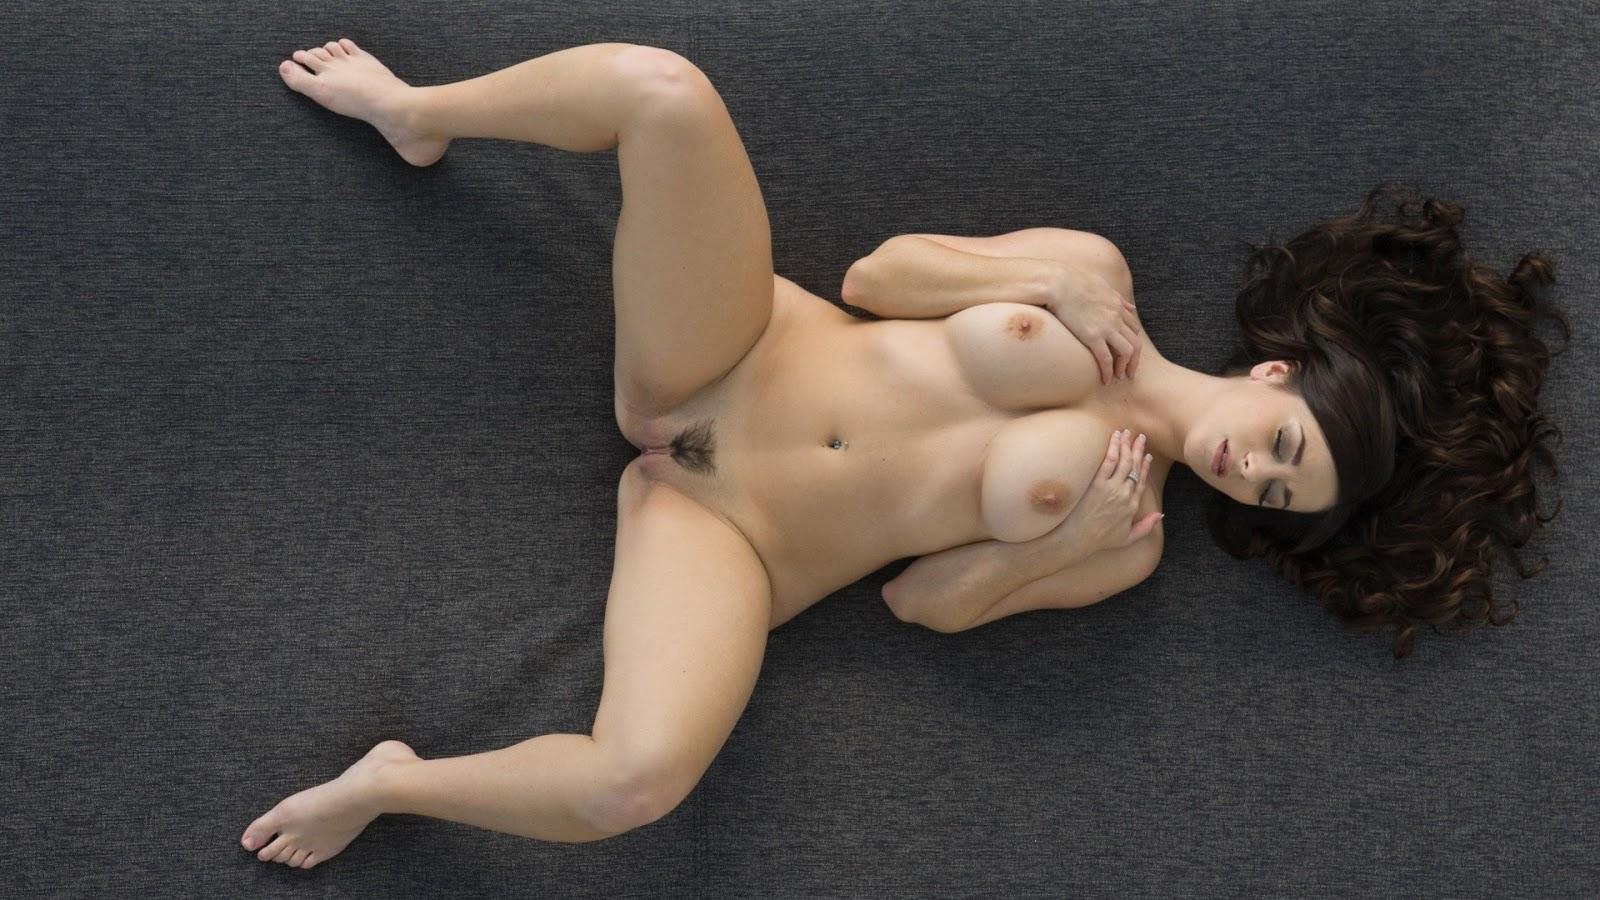 спине раздвинув перед за 40 на еблей женщина лежит ножки